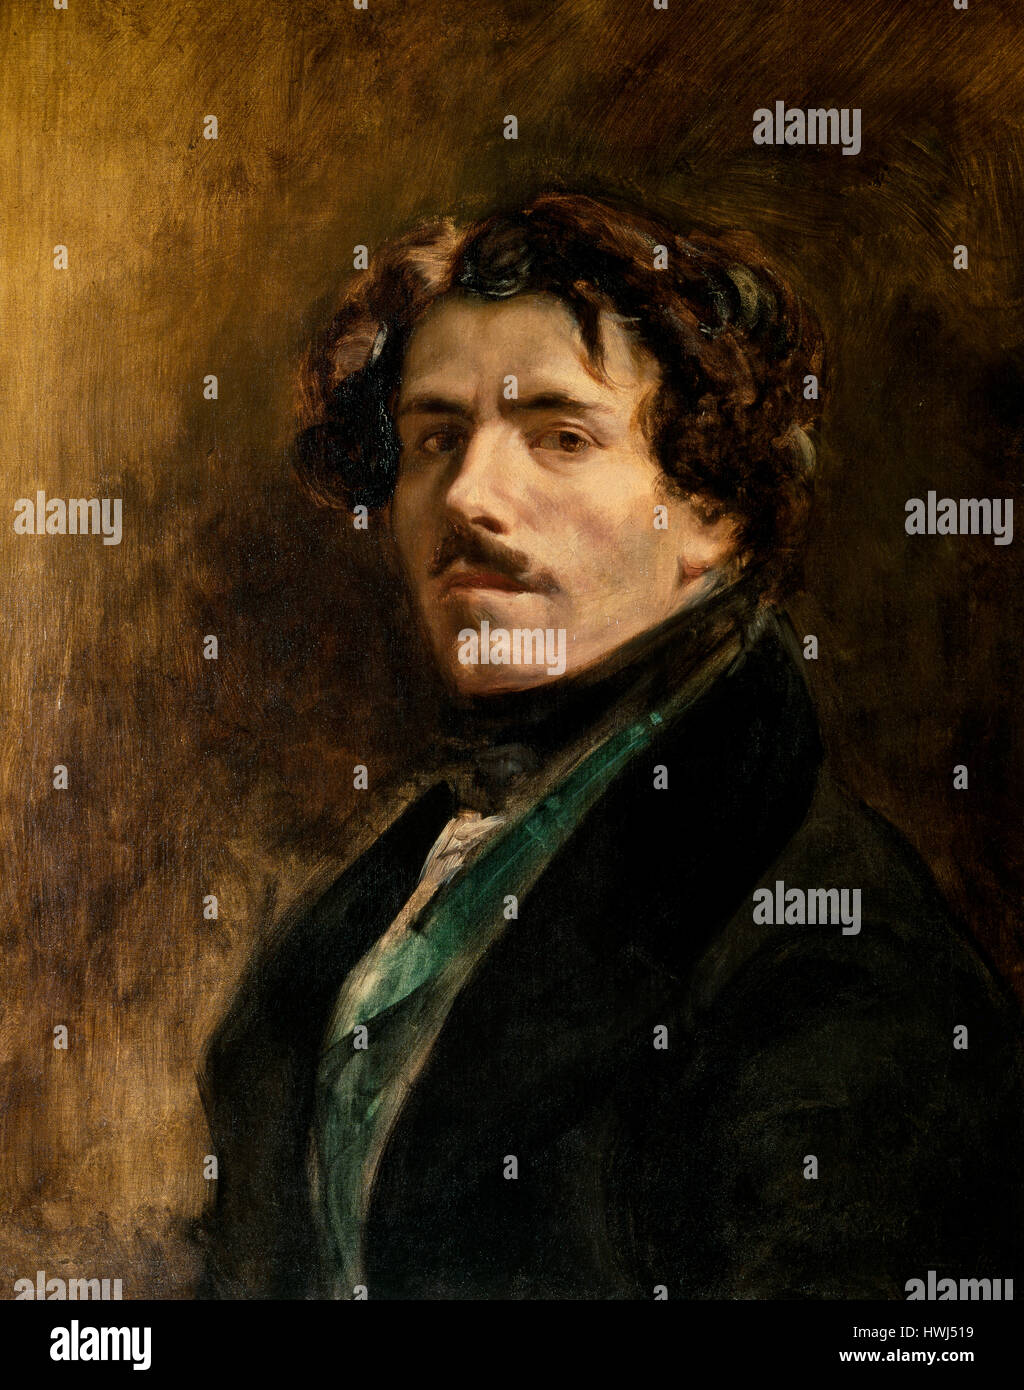 Eugene Delacroix (1798-1863). French romantic artist. Self-portrait, 1837. Louvre Museum. Paris. France. Stock Photo